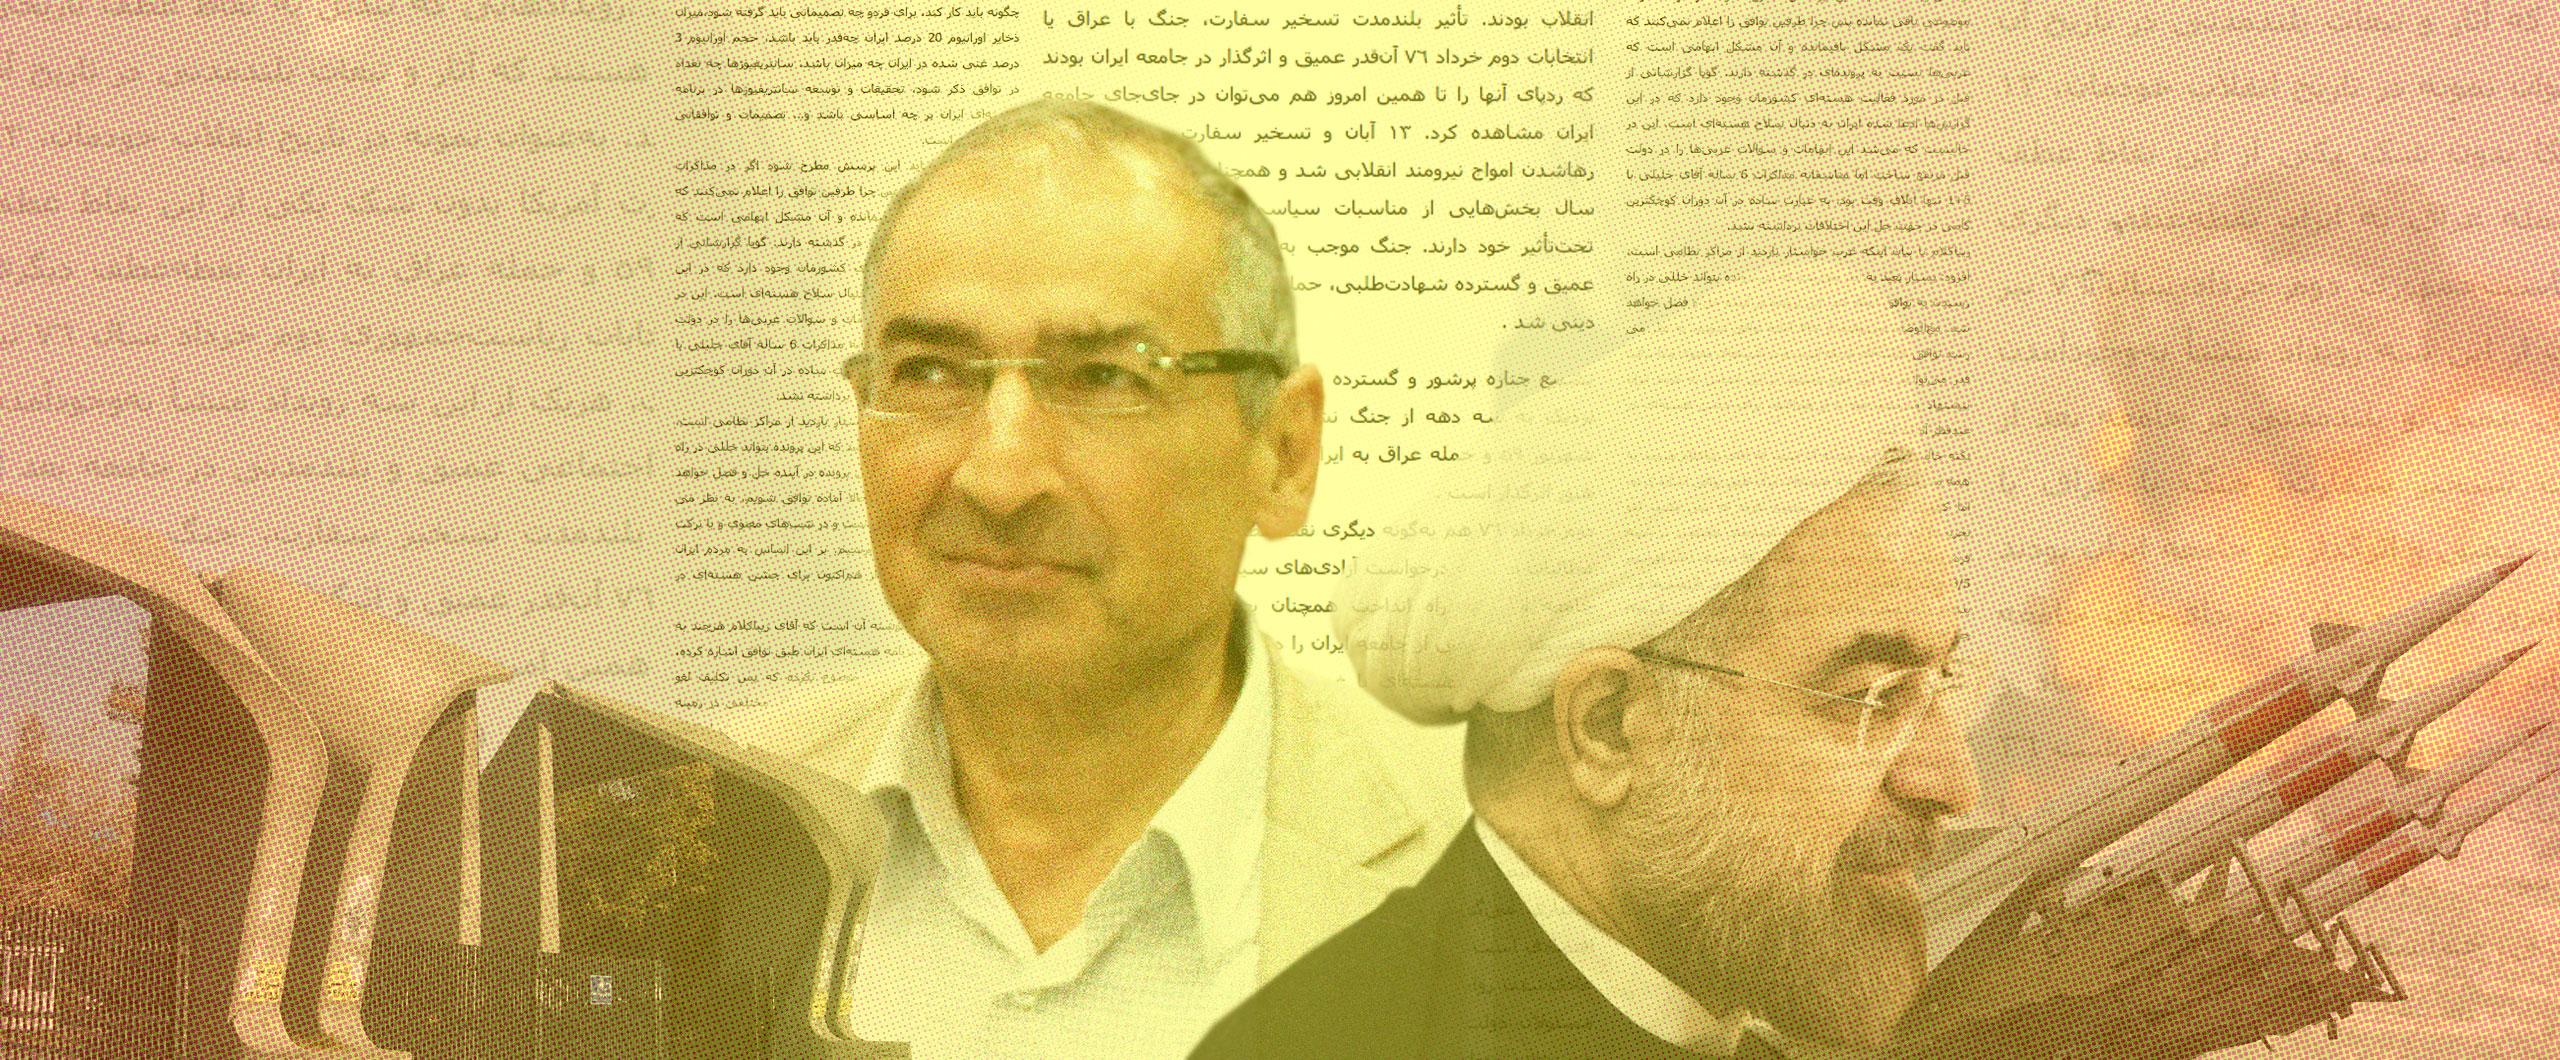 زیباکلام:حسن عباسی هیچ چیزی برای ارائه دادن ندارد+صوت